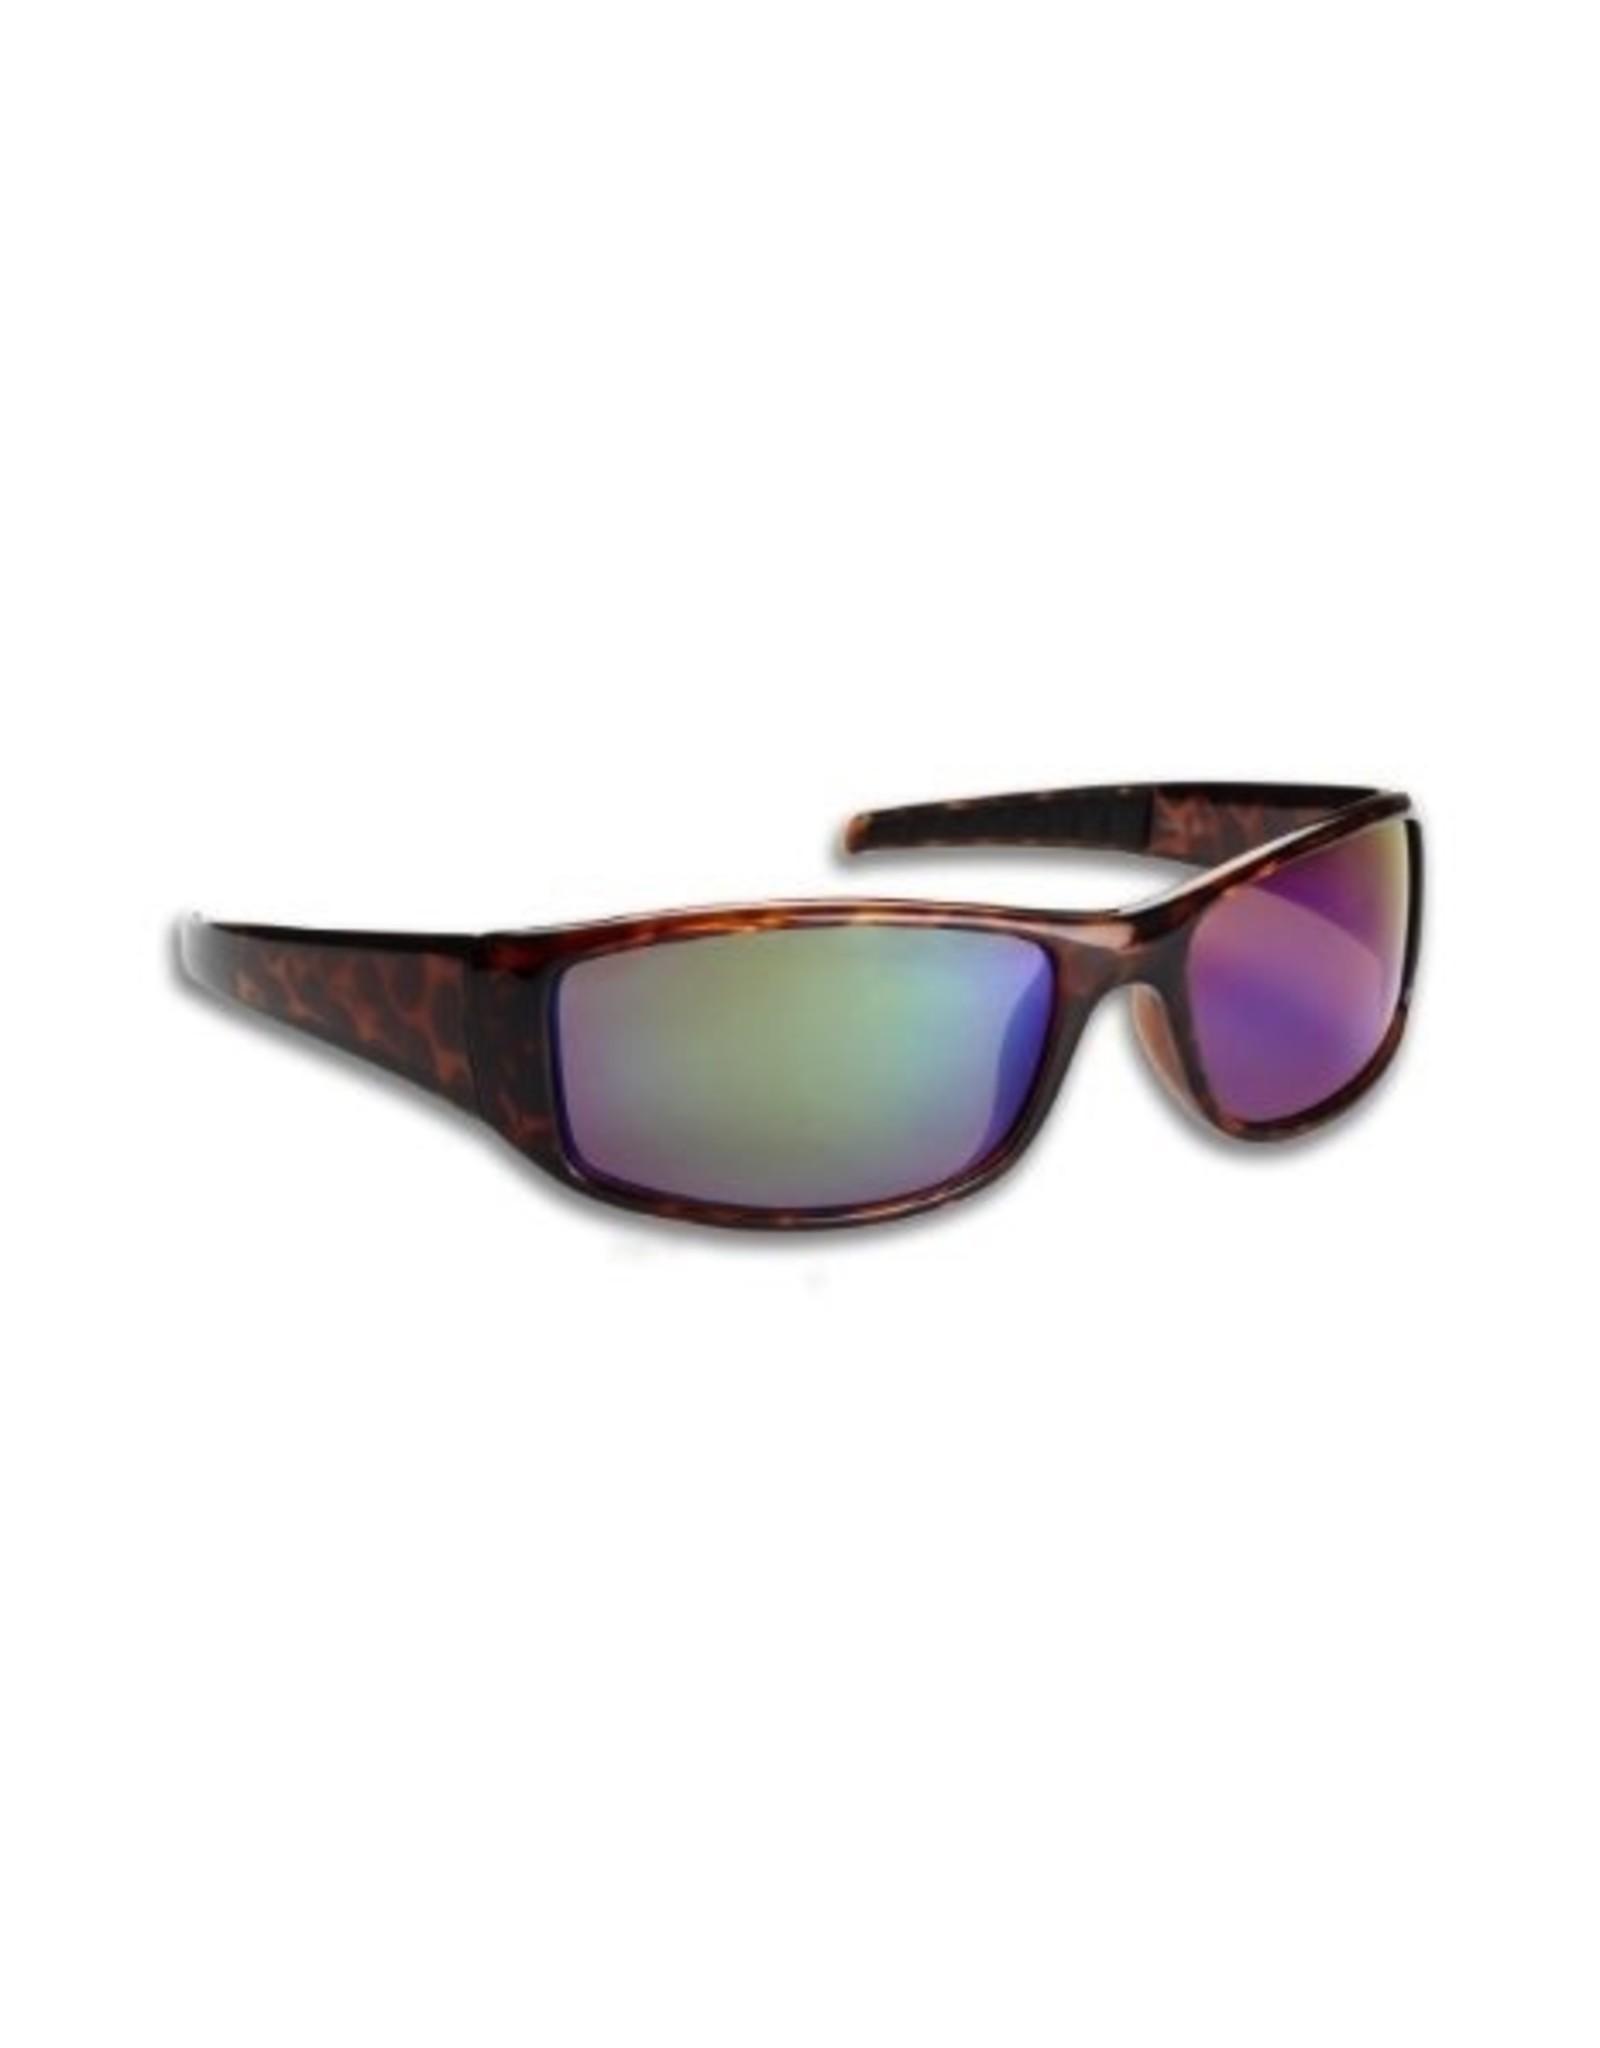 Fisherman eyewear FE Sailfish Tortise with Brown Lens